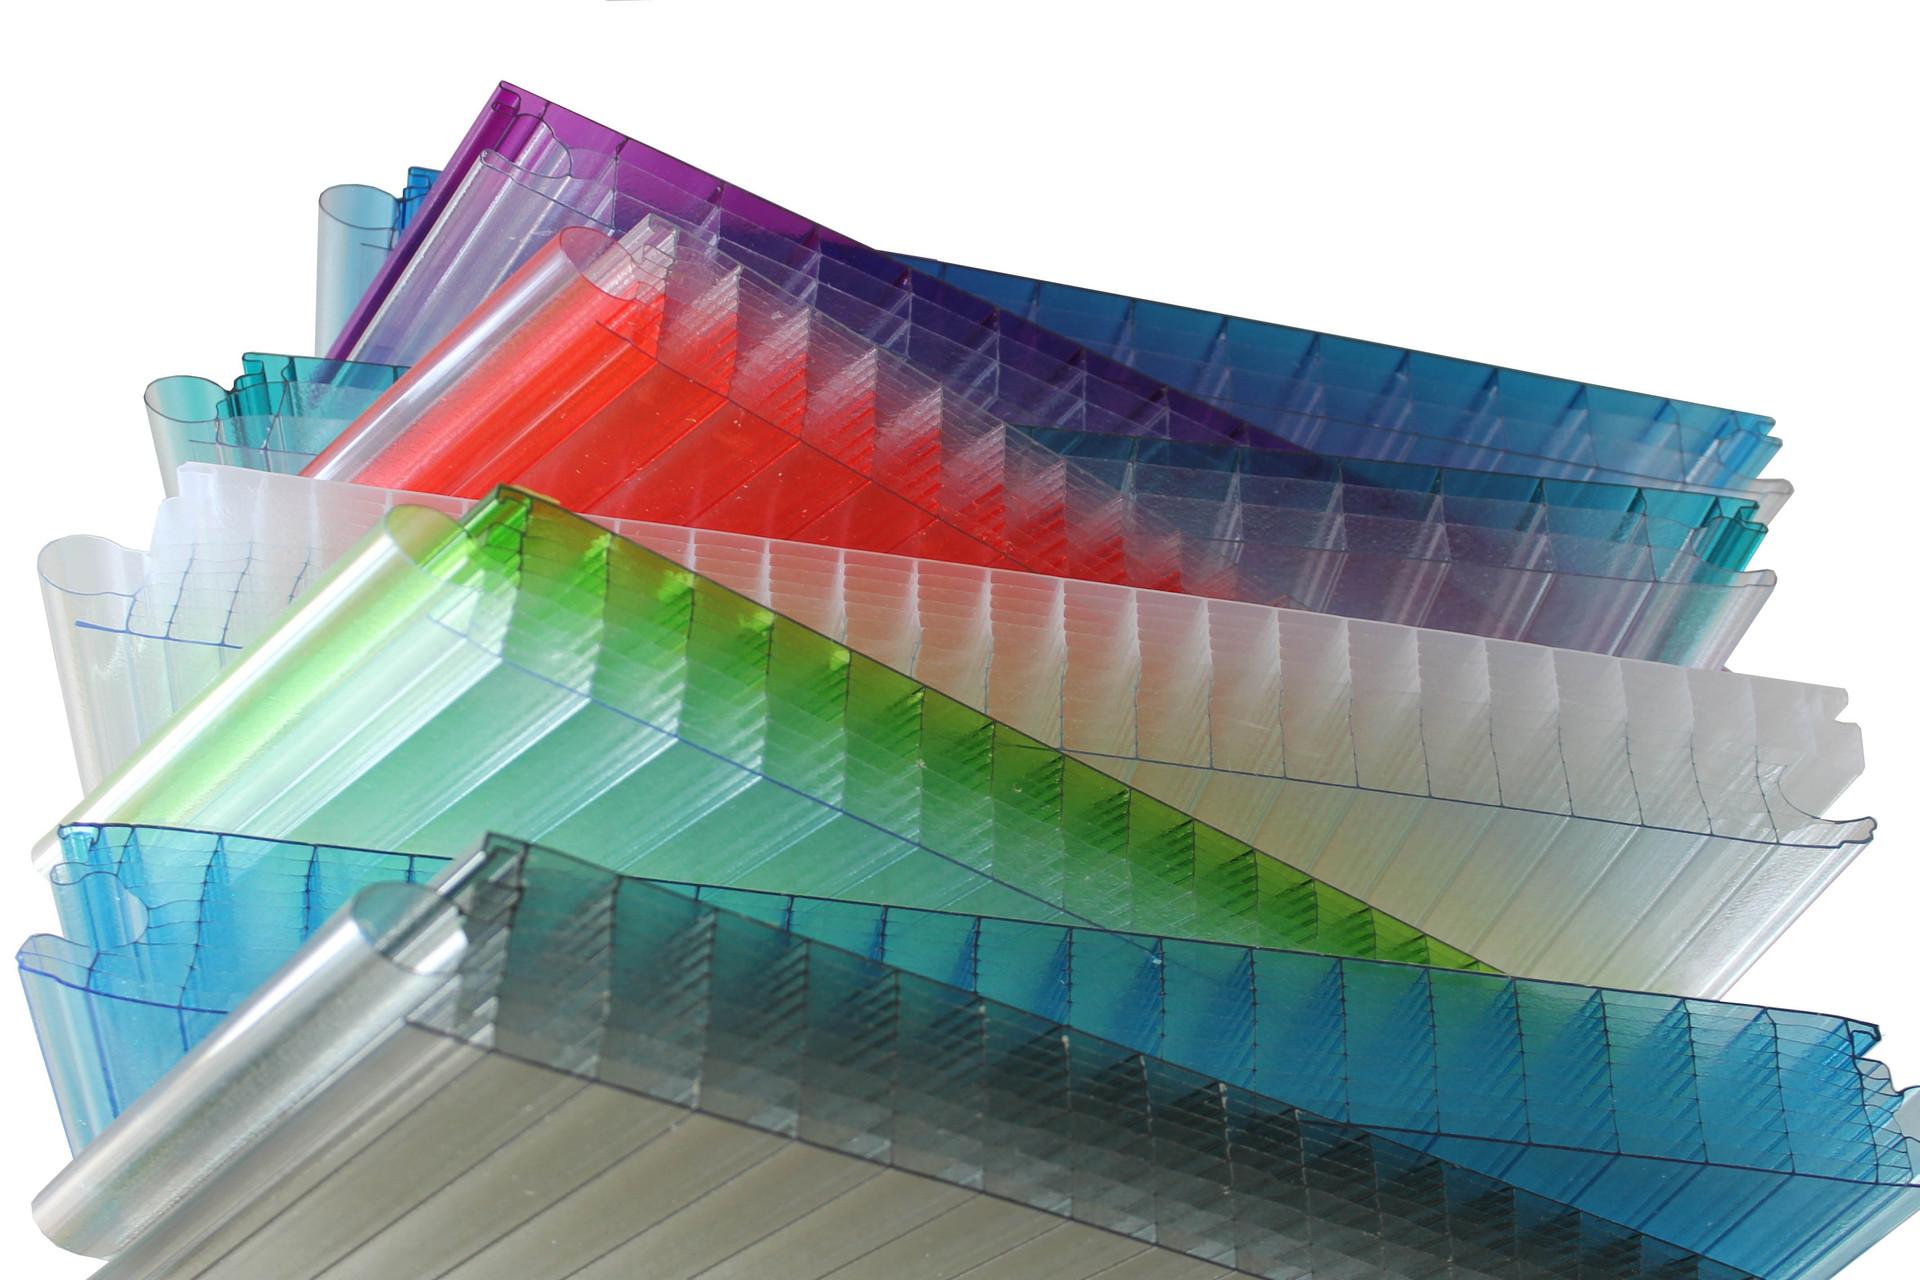 Điểm danh 4 loại tấm nhựa lợp mái lấy sáng phổ biến